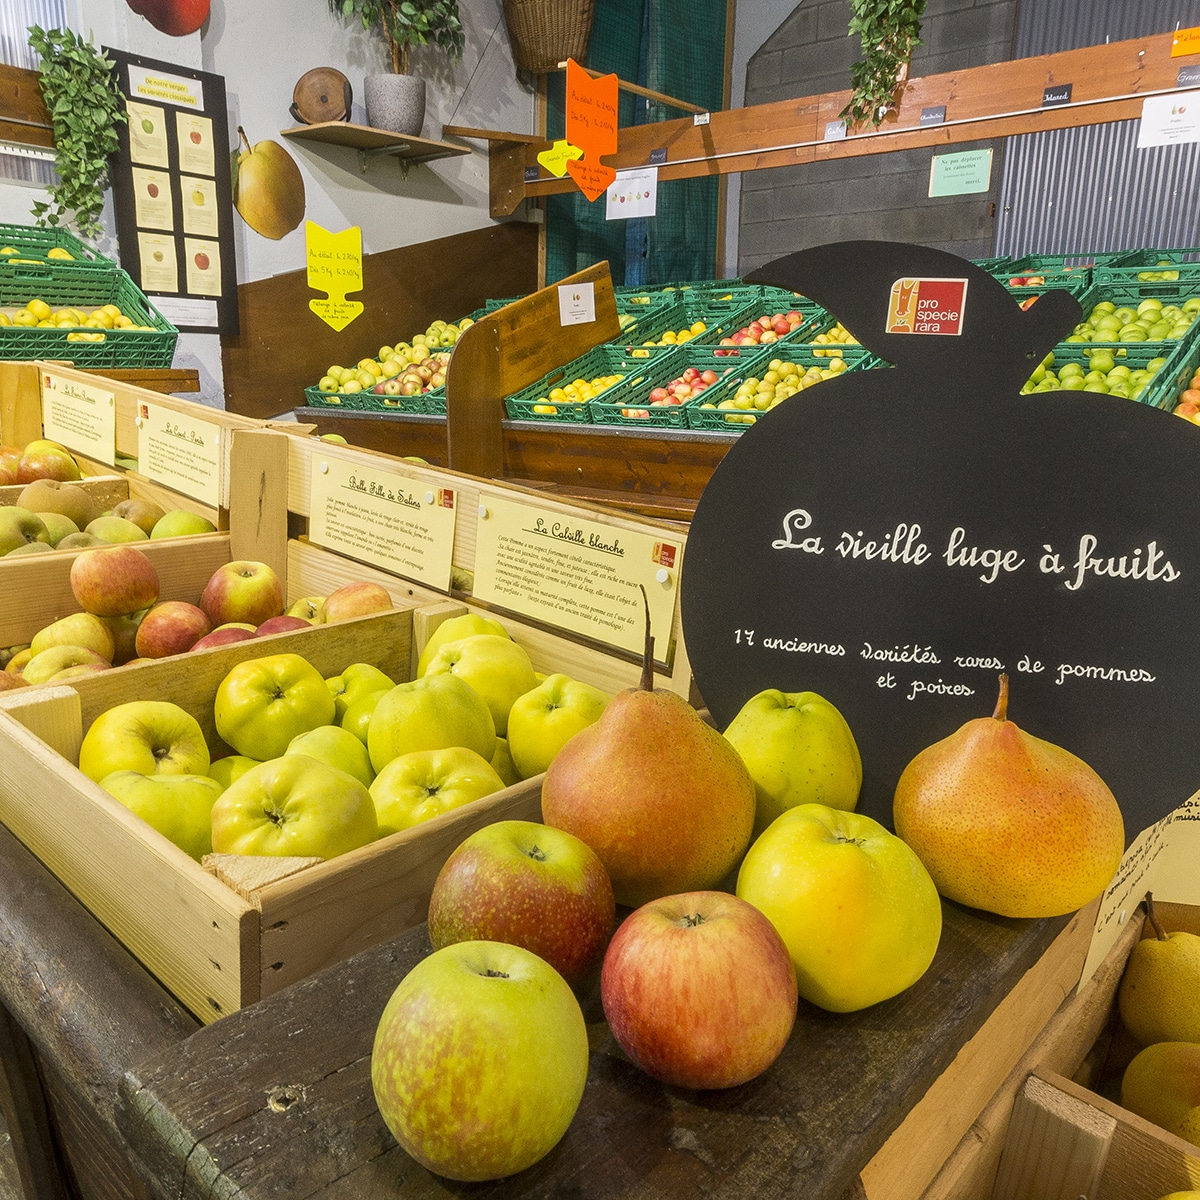 17 anciennes variétés rares de pommes et poires